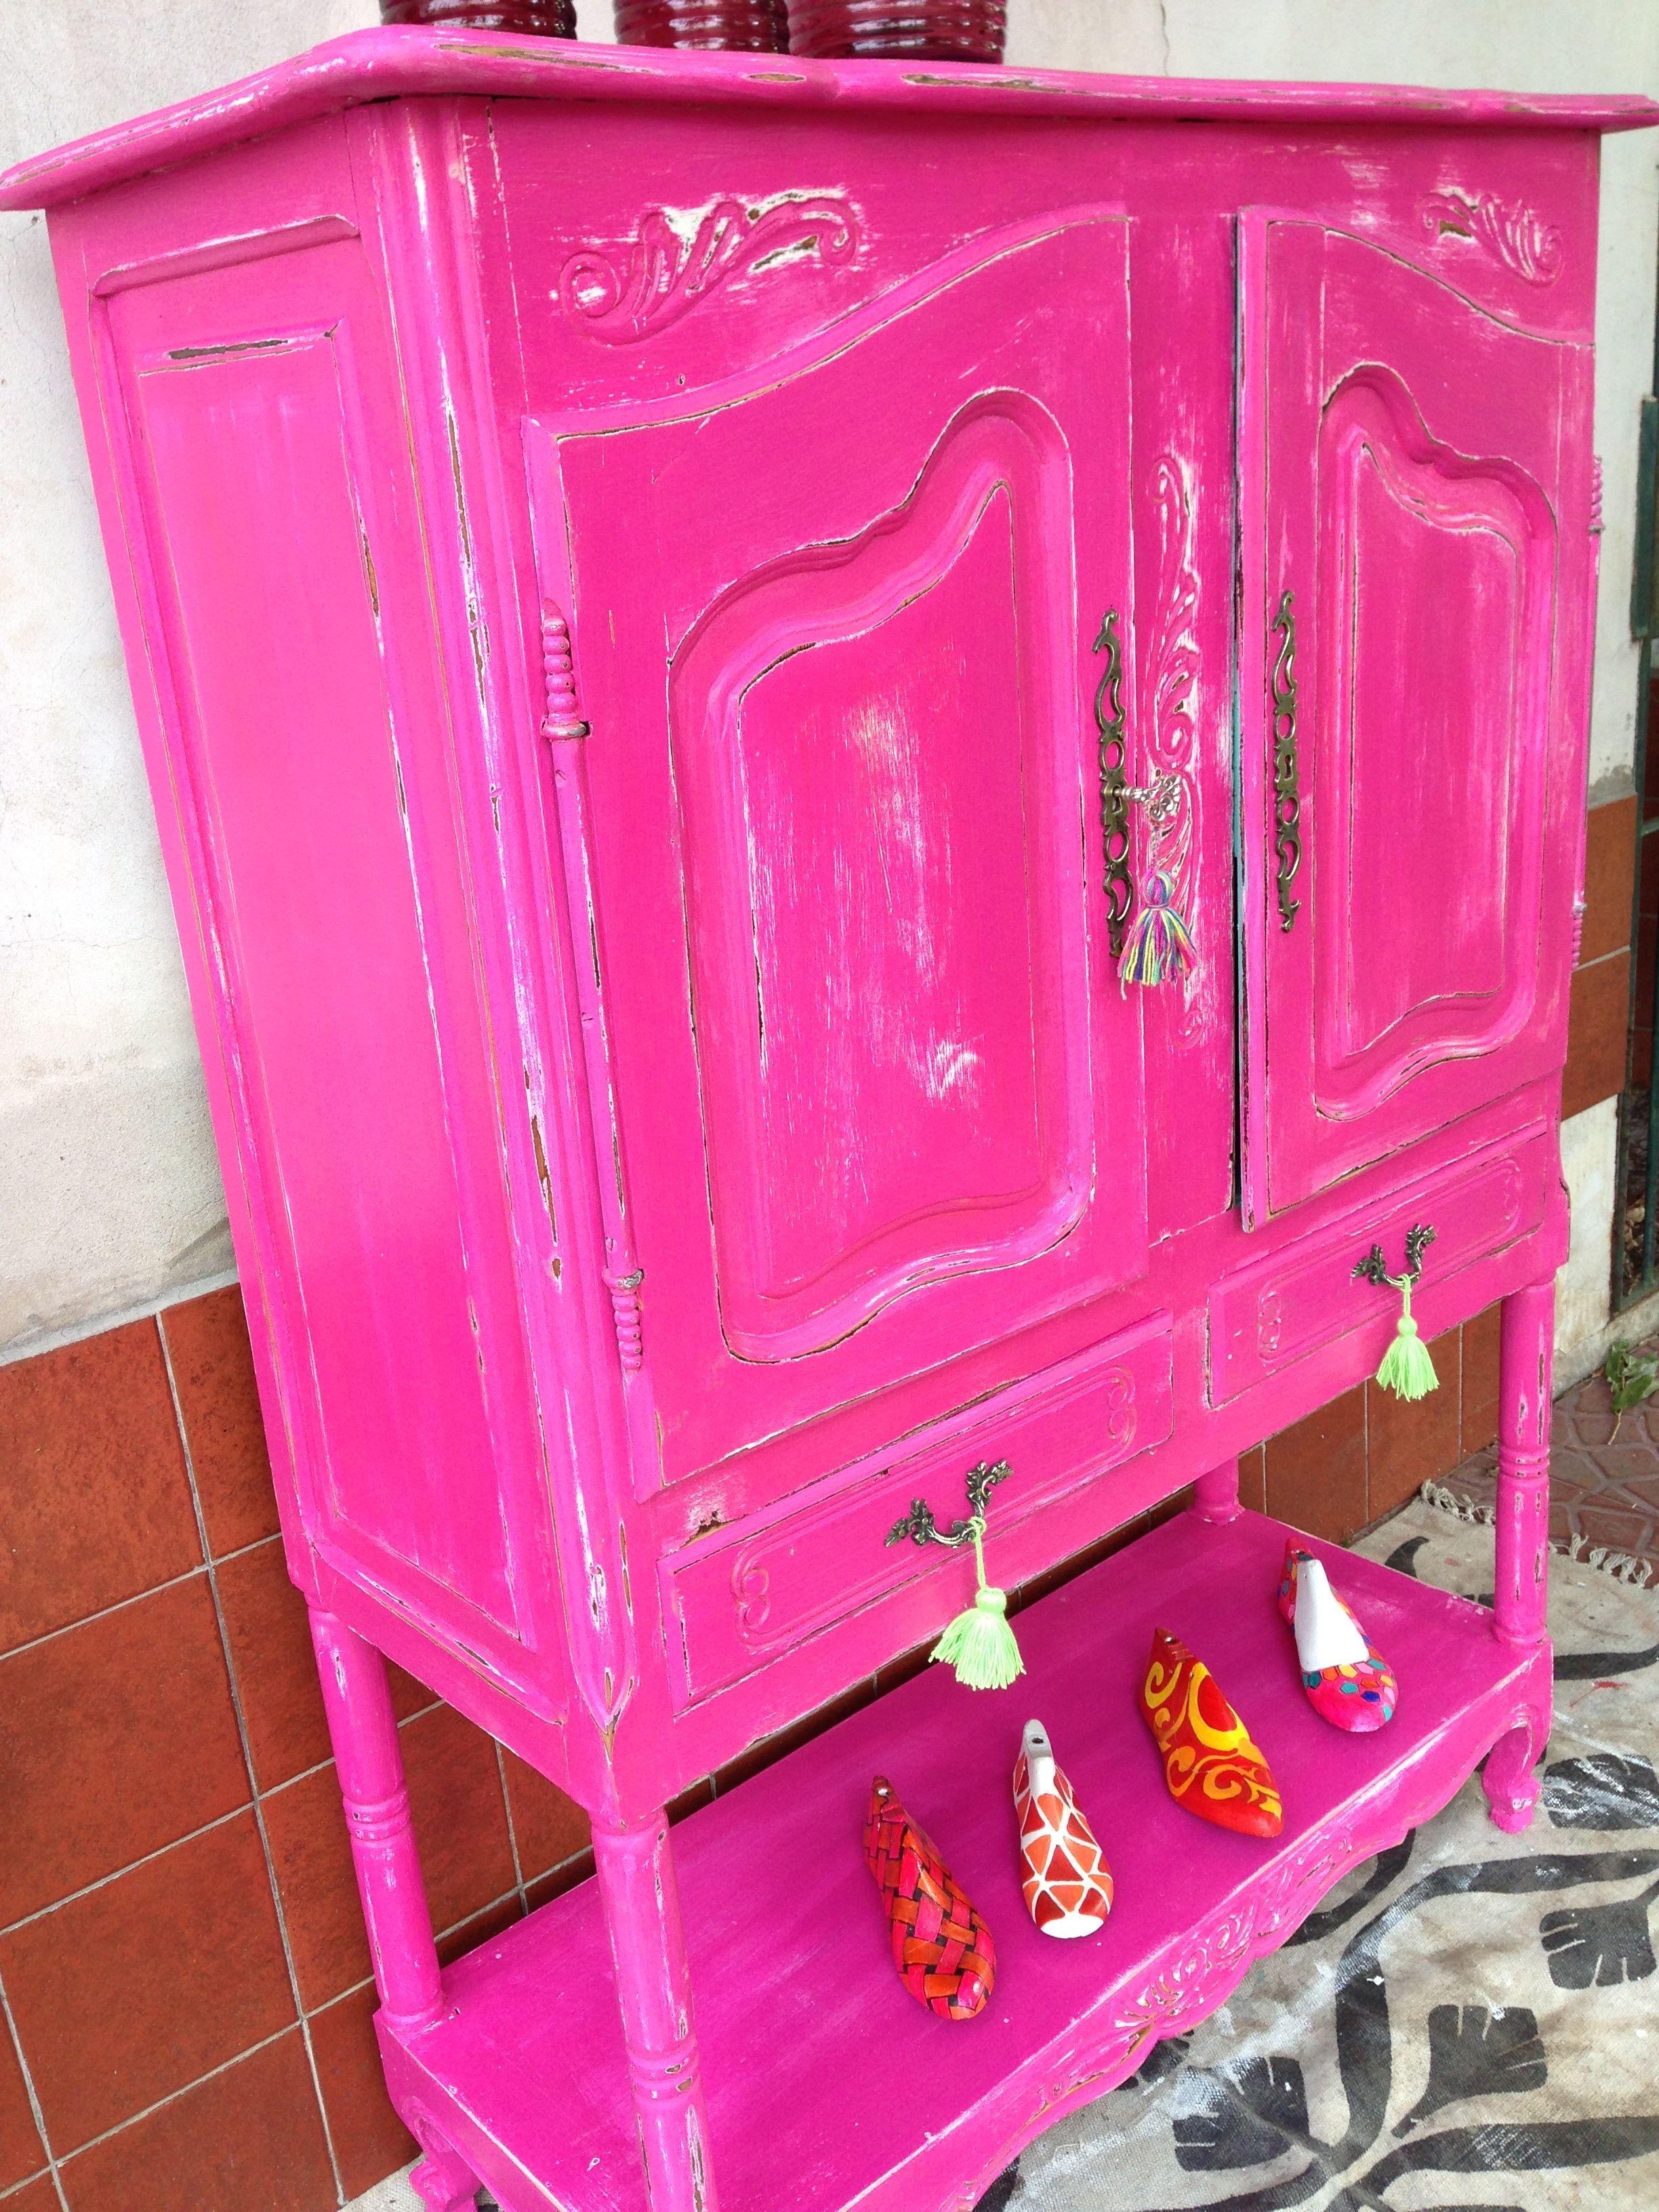 Vajillero Fucsia Provenzal Decapado Pintado Por Vintouch Chalk Paintpainted